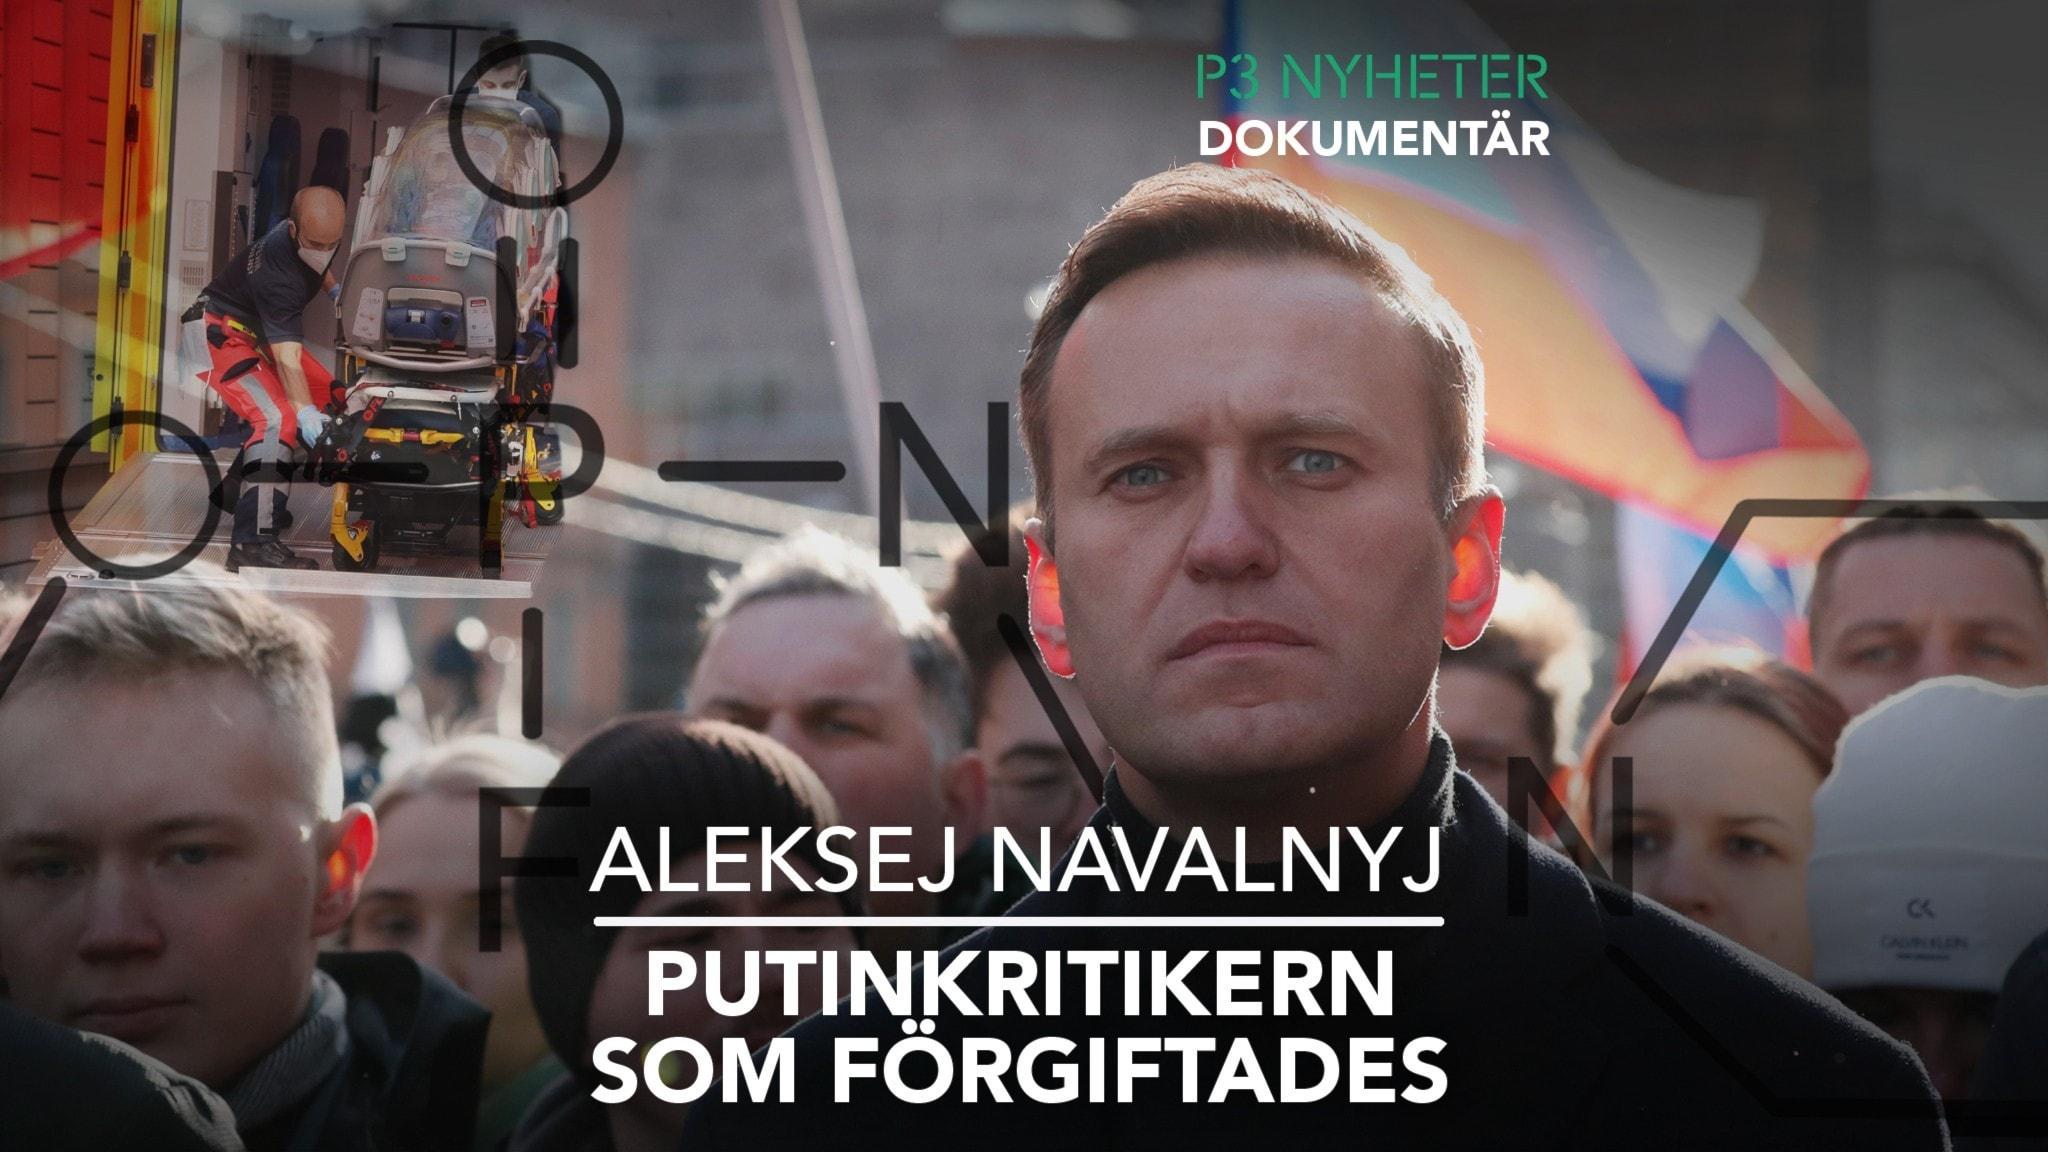 Kollage av Alexej Navalnyj, en ambulans med sjukvårdspersonal som rullar in en bår i vänstra hörnet och den kemiska beteckningen av novitjok.